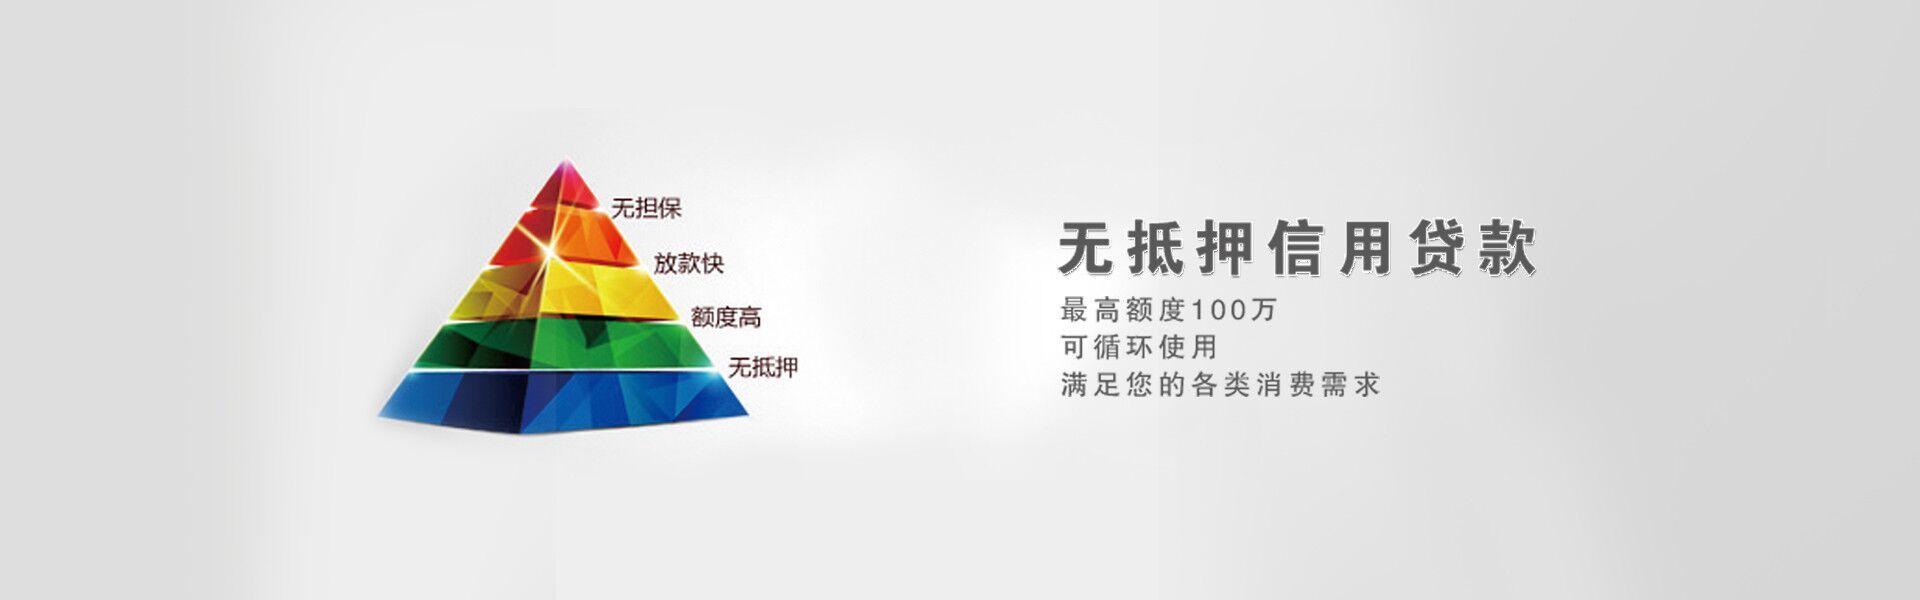 上海清房按揭房贷款